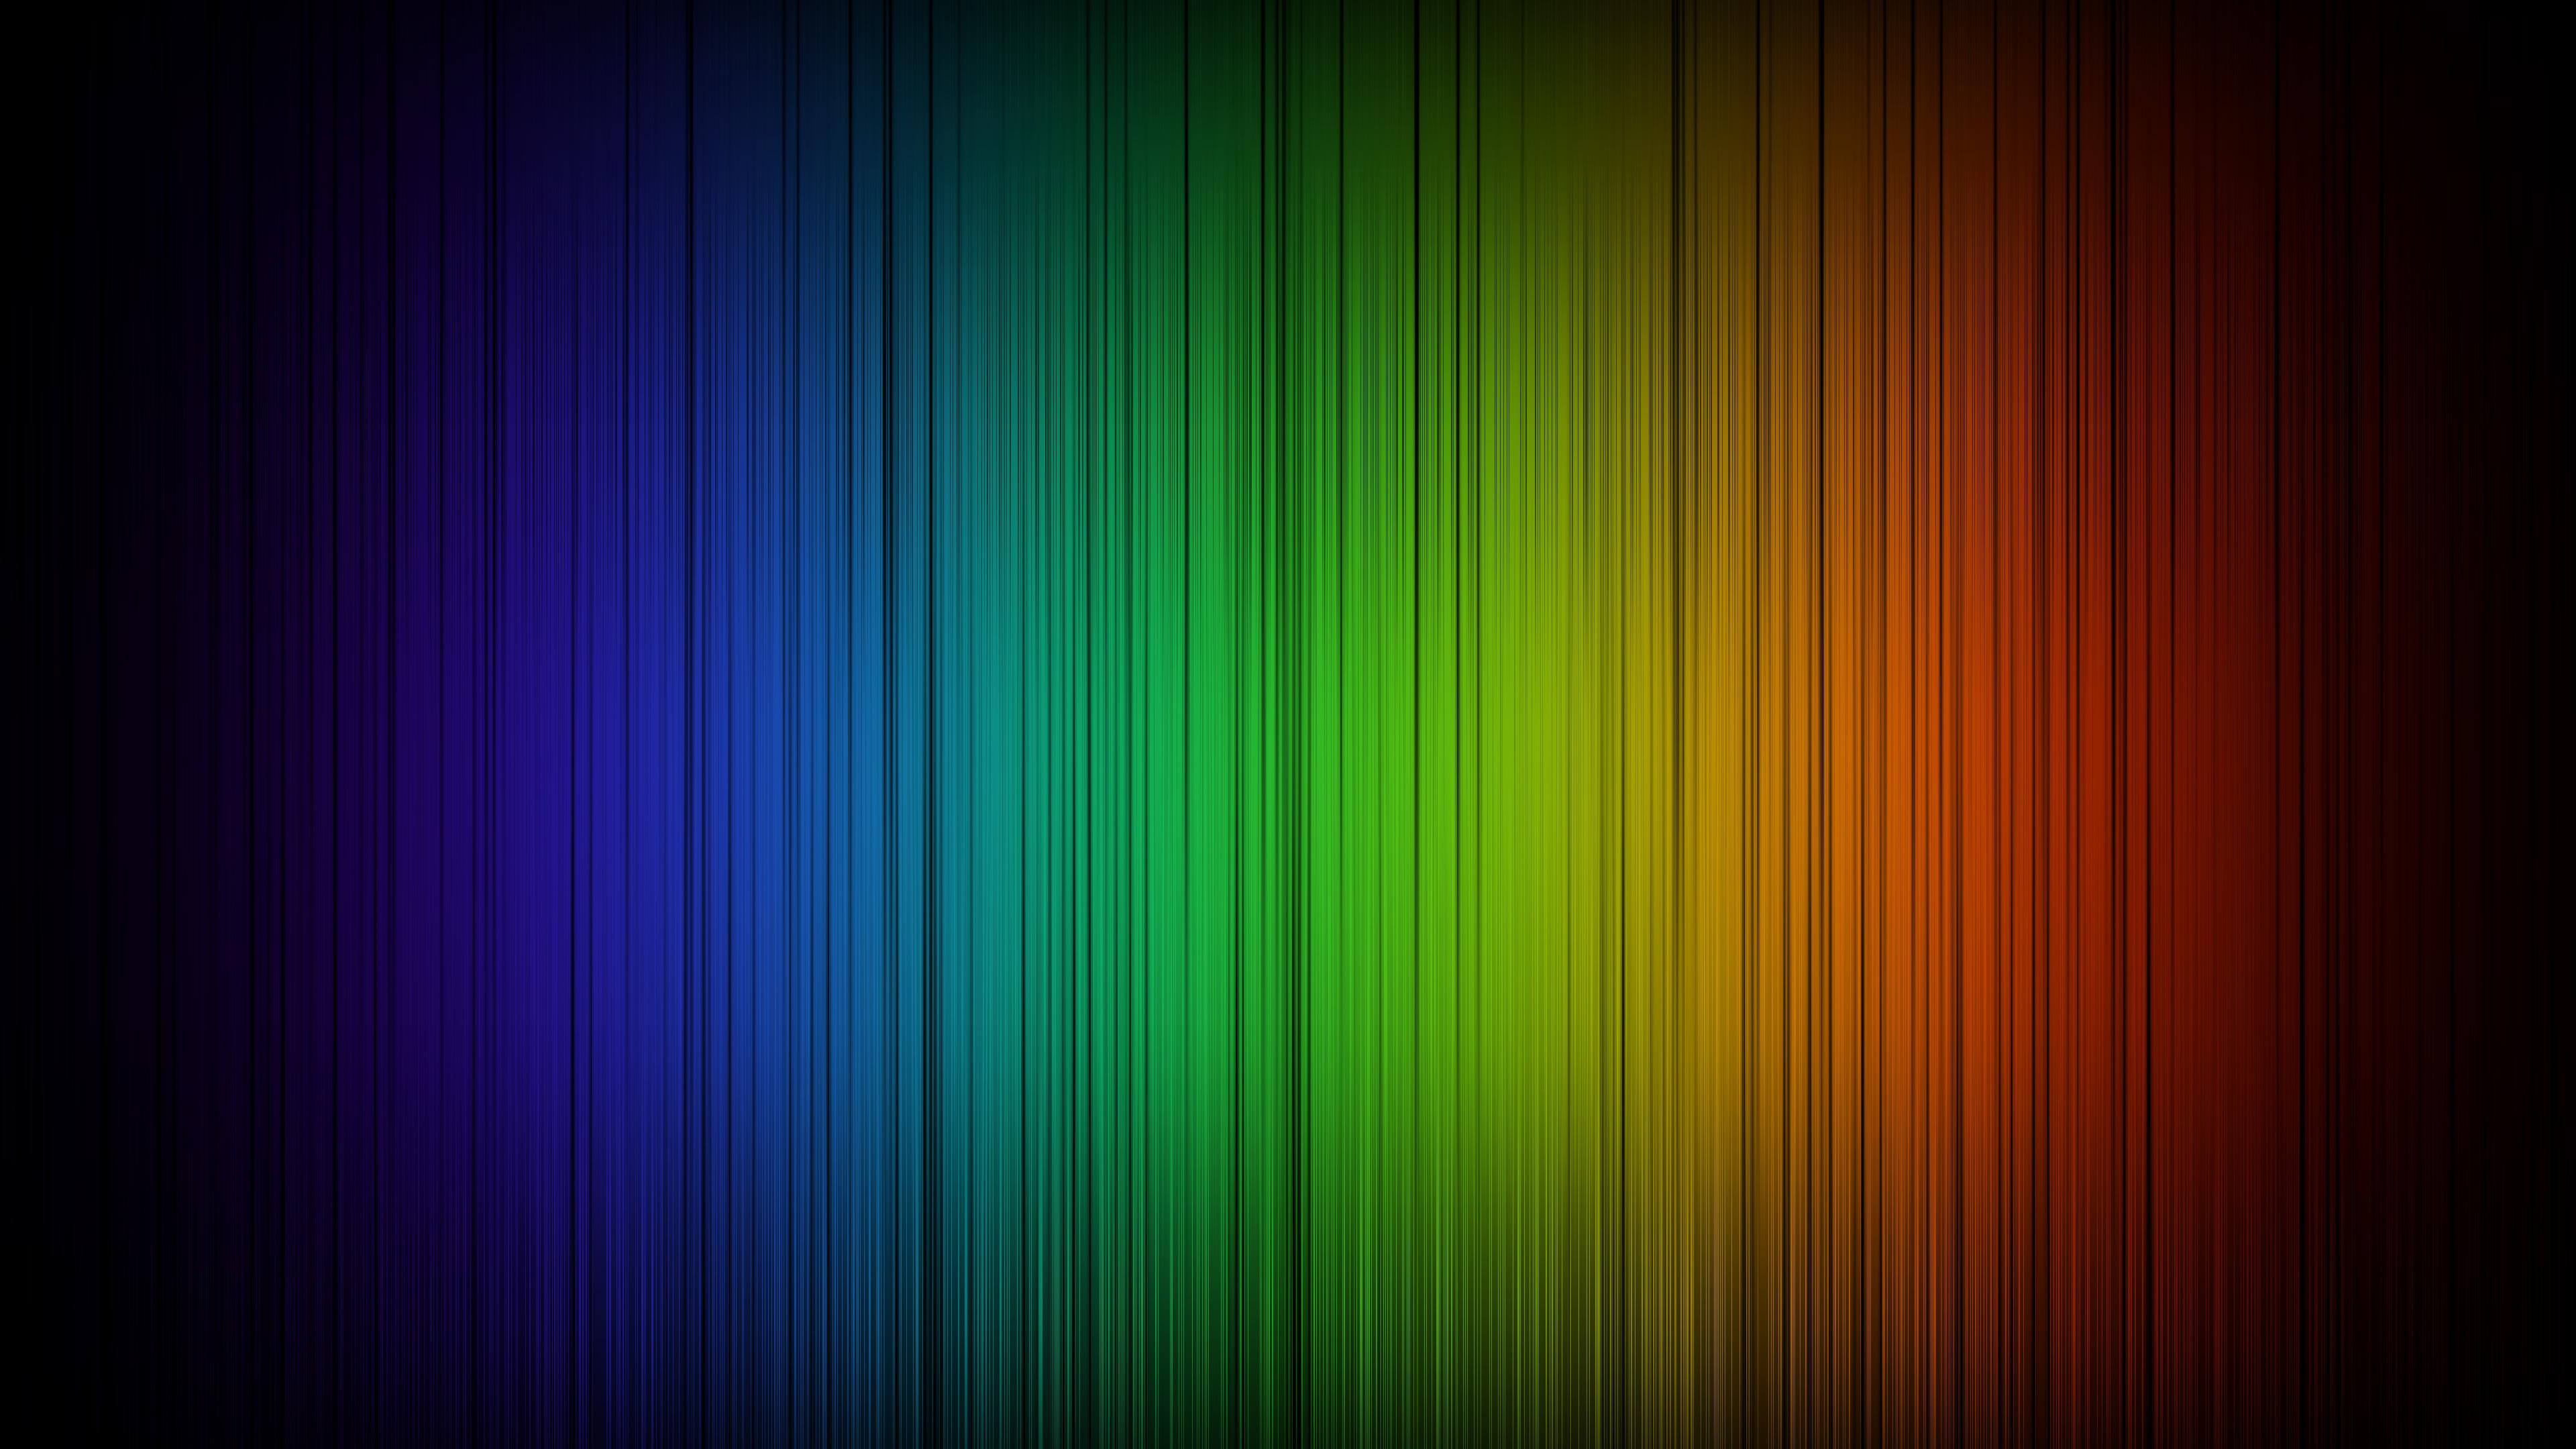 Wallpaper 4k Rainbow Spectrum 4k 4k Wallpapers Abstract Wallpapers